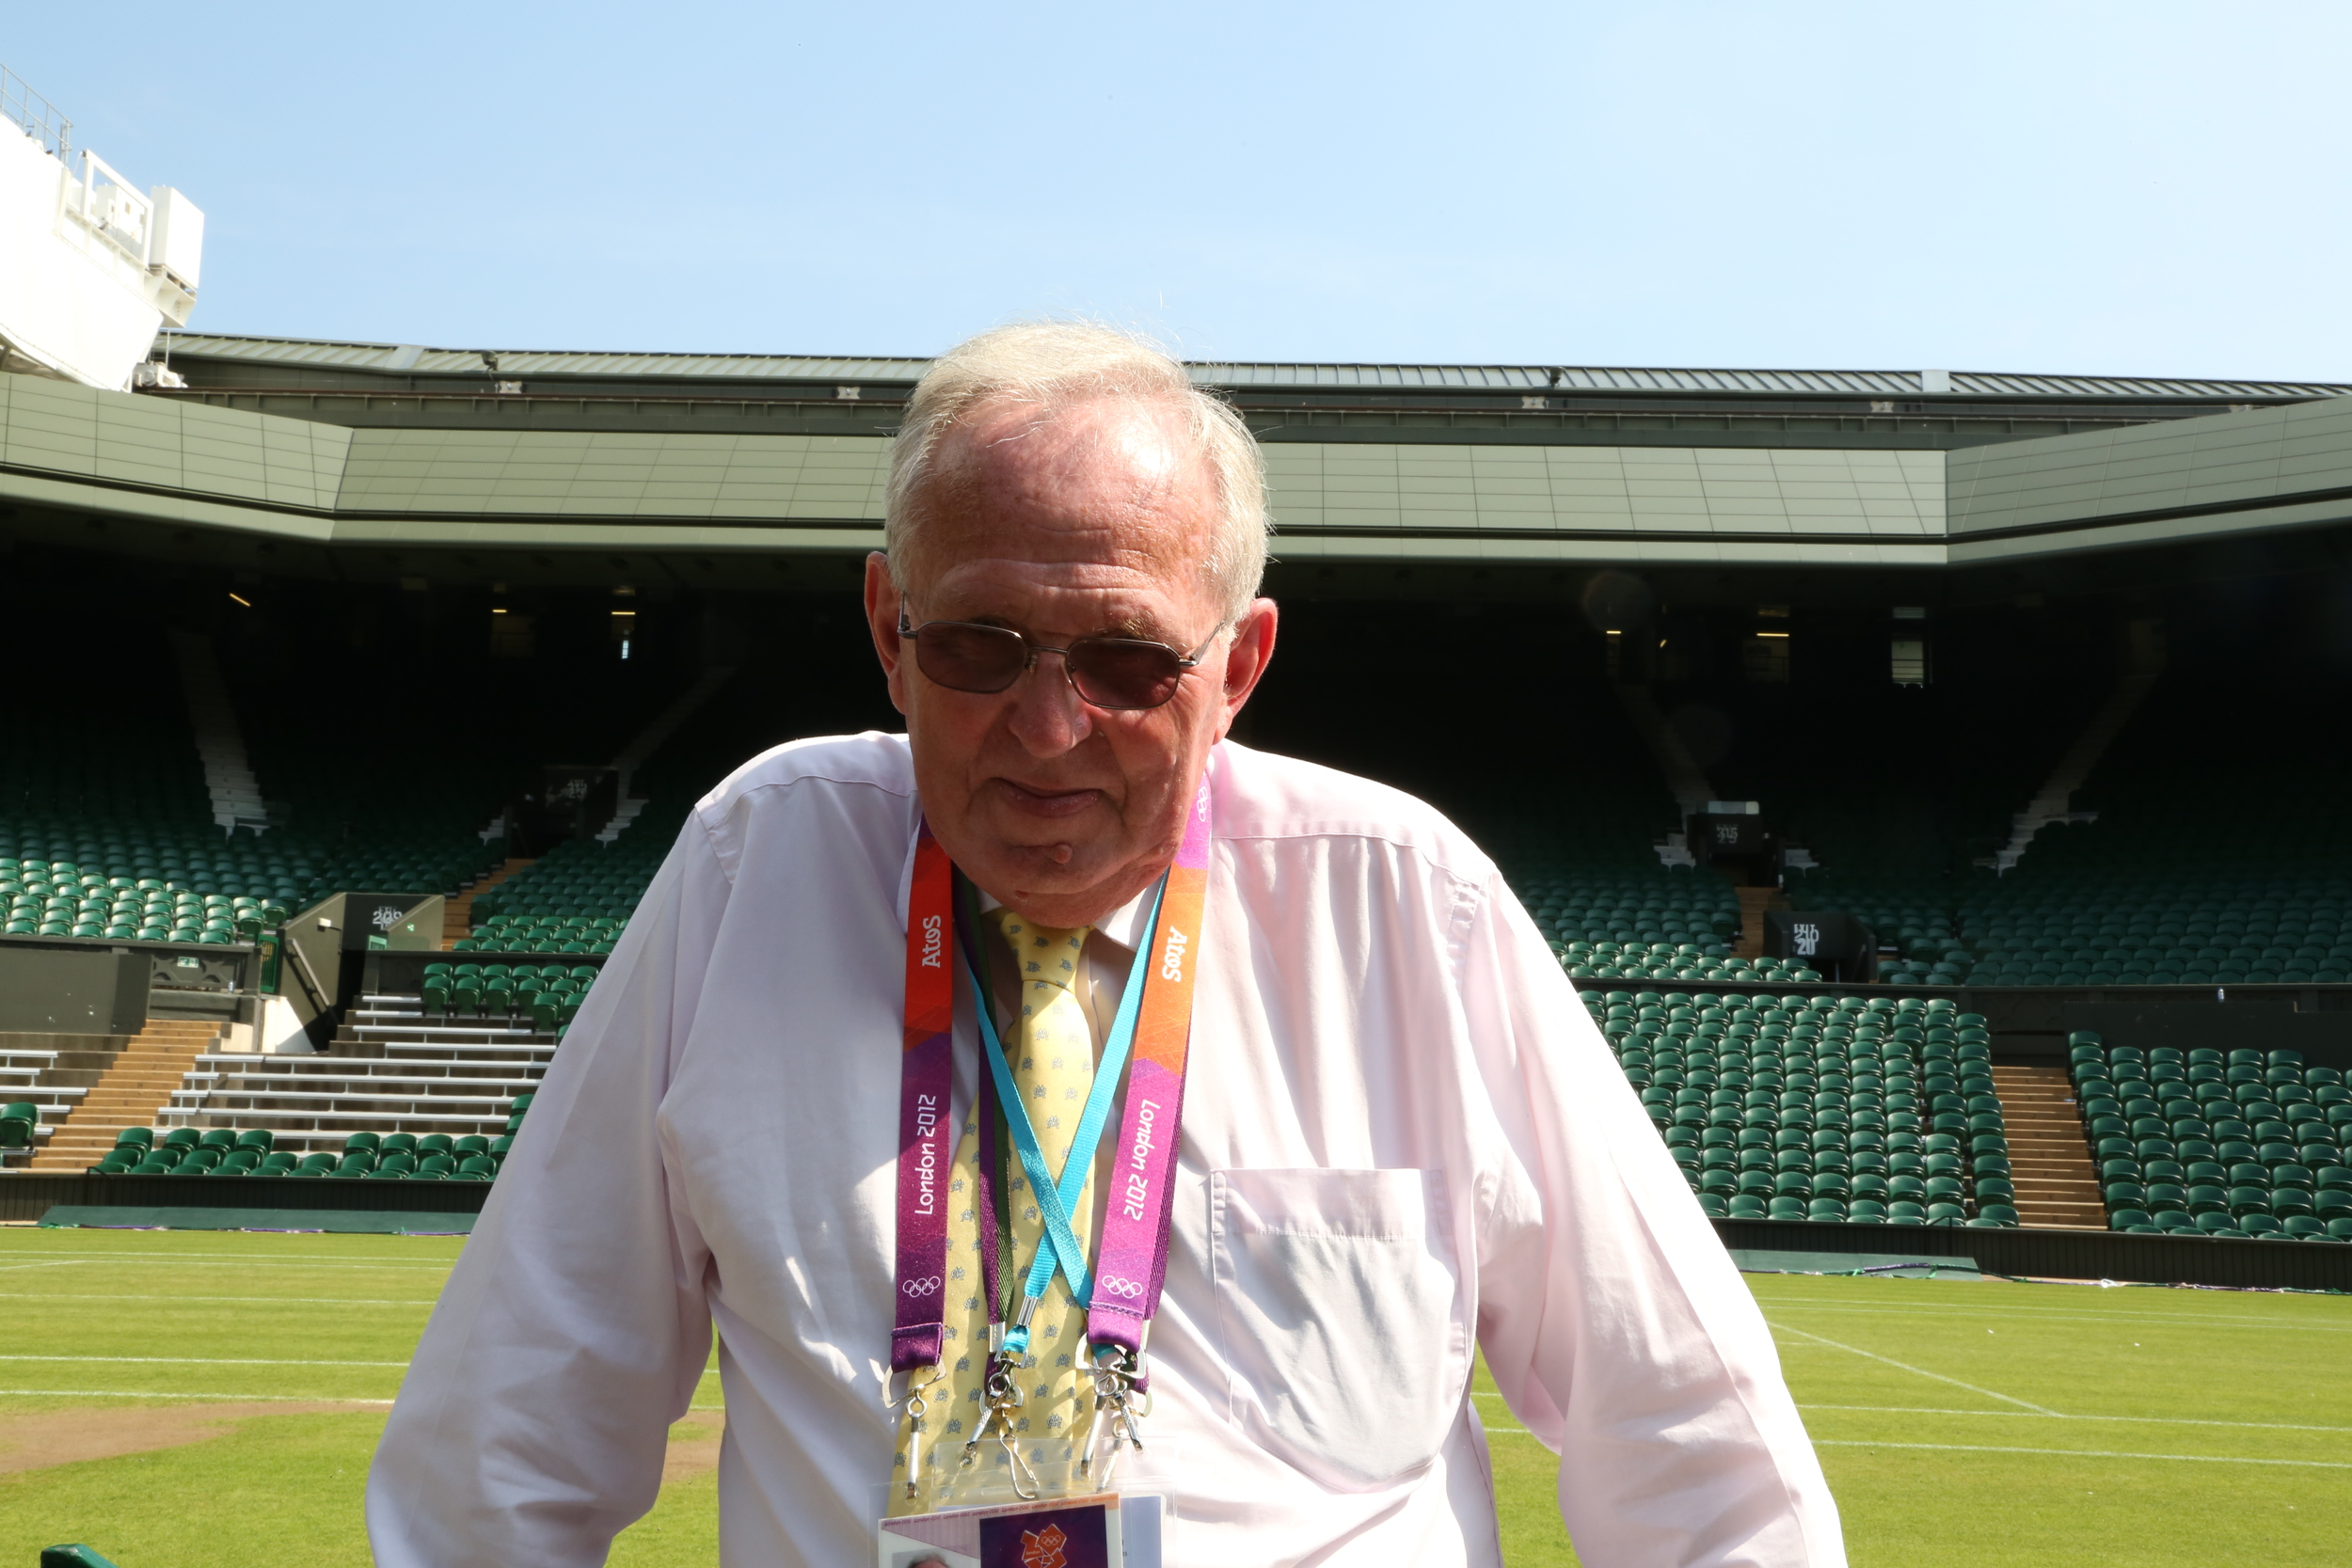 Eddie_Wimbledon2.JPG